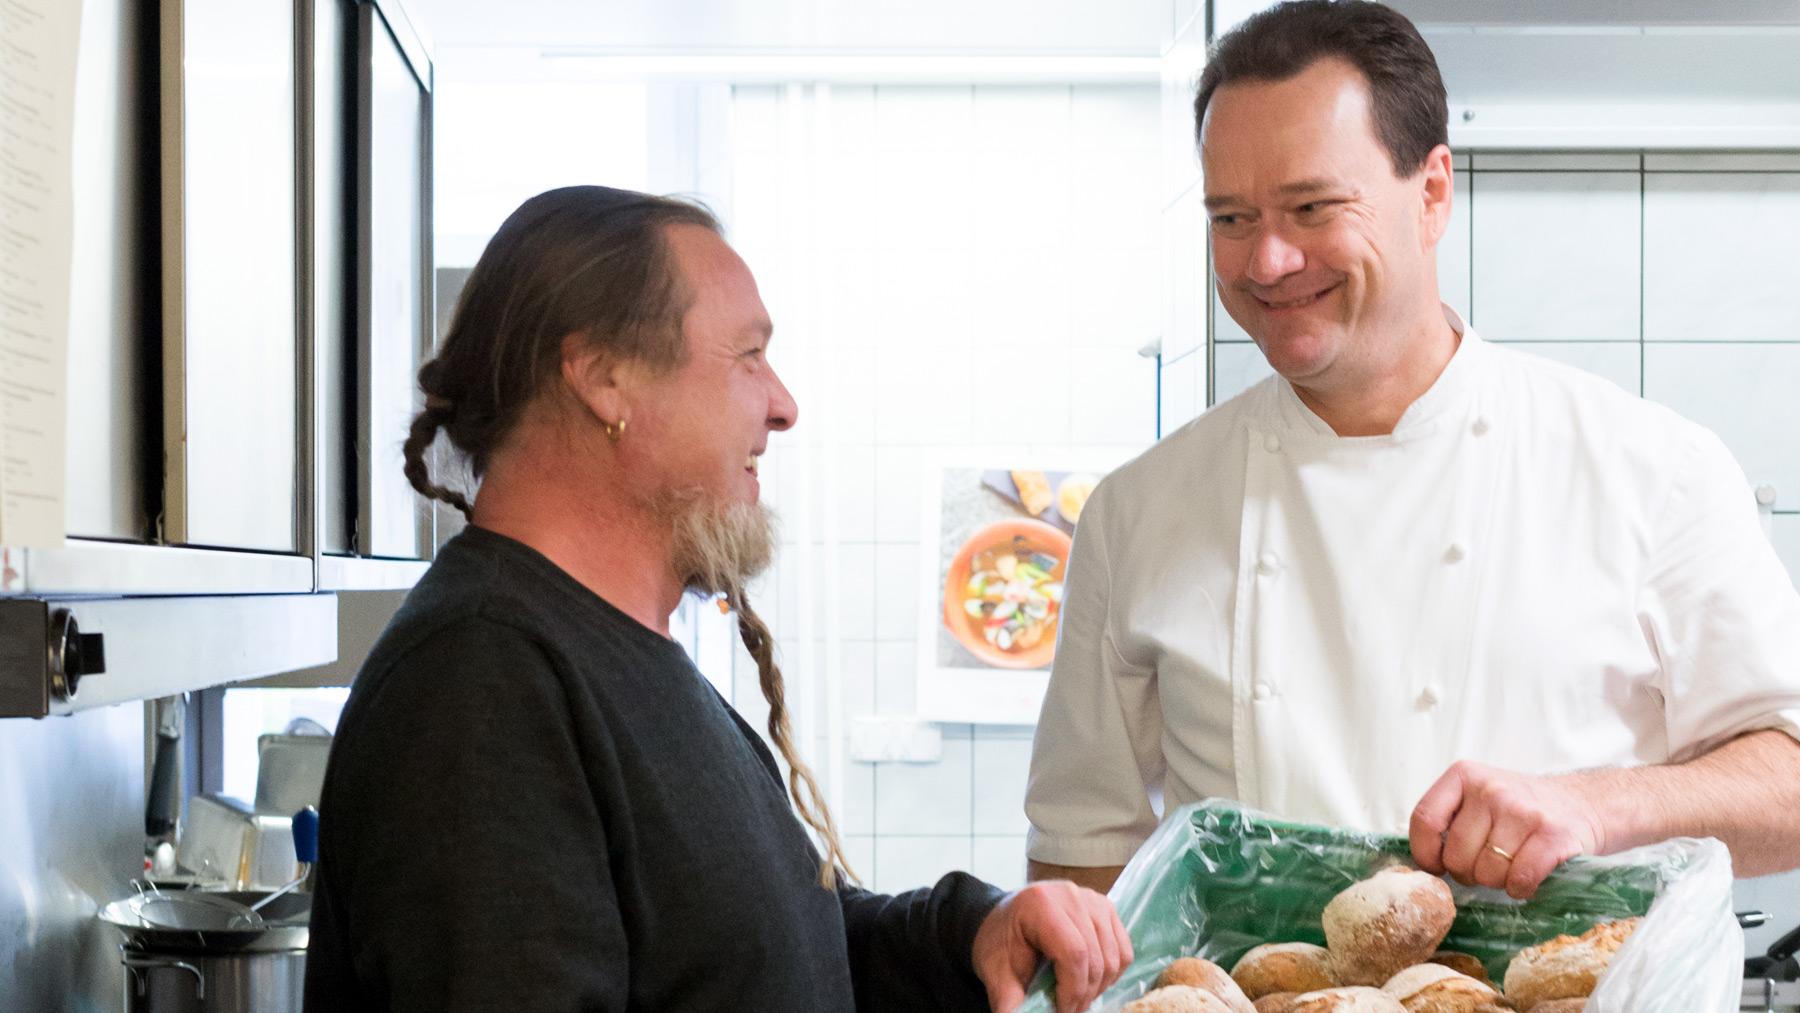 Ein b cker und ein koch brotkultur in der gastronomie for Koch mit bart